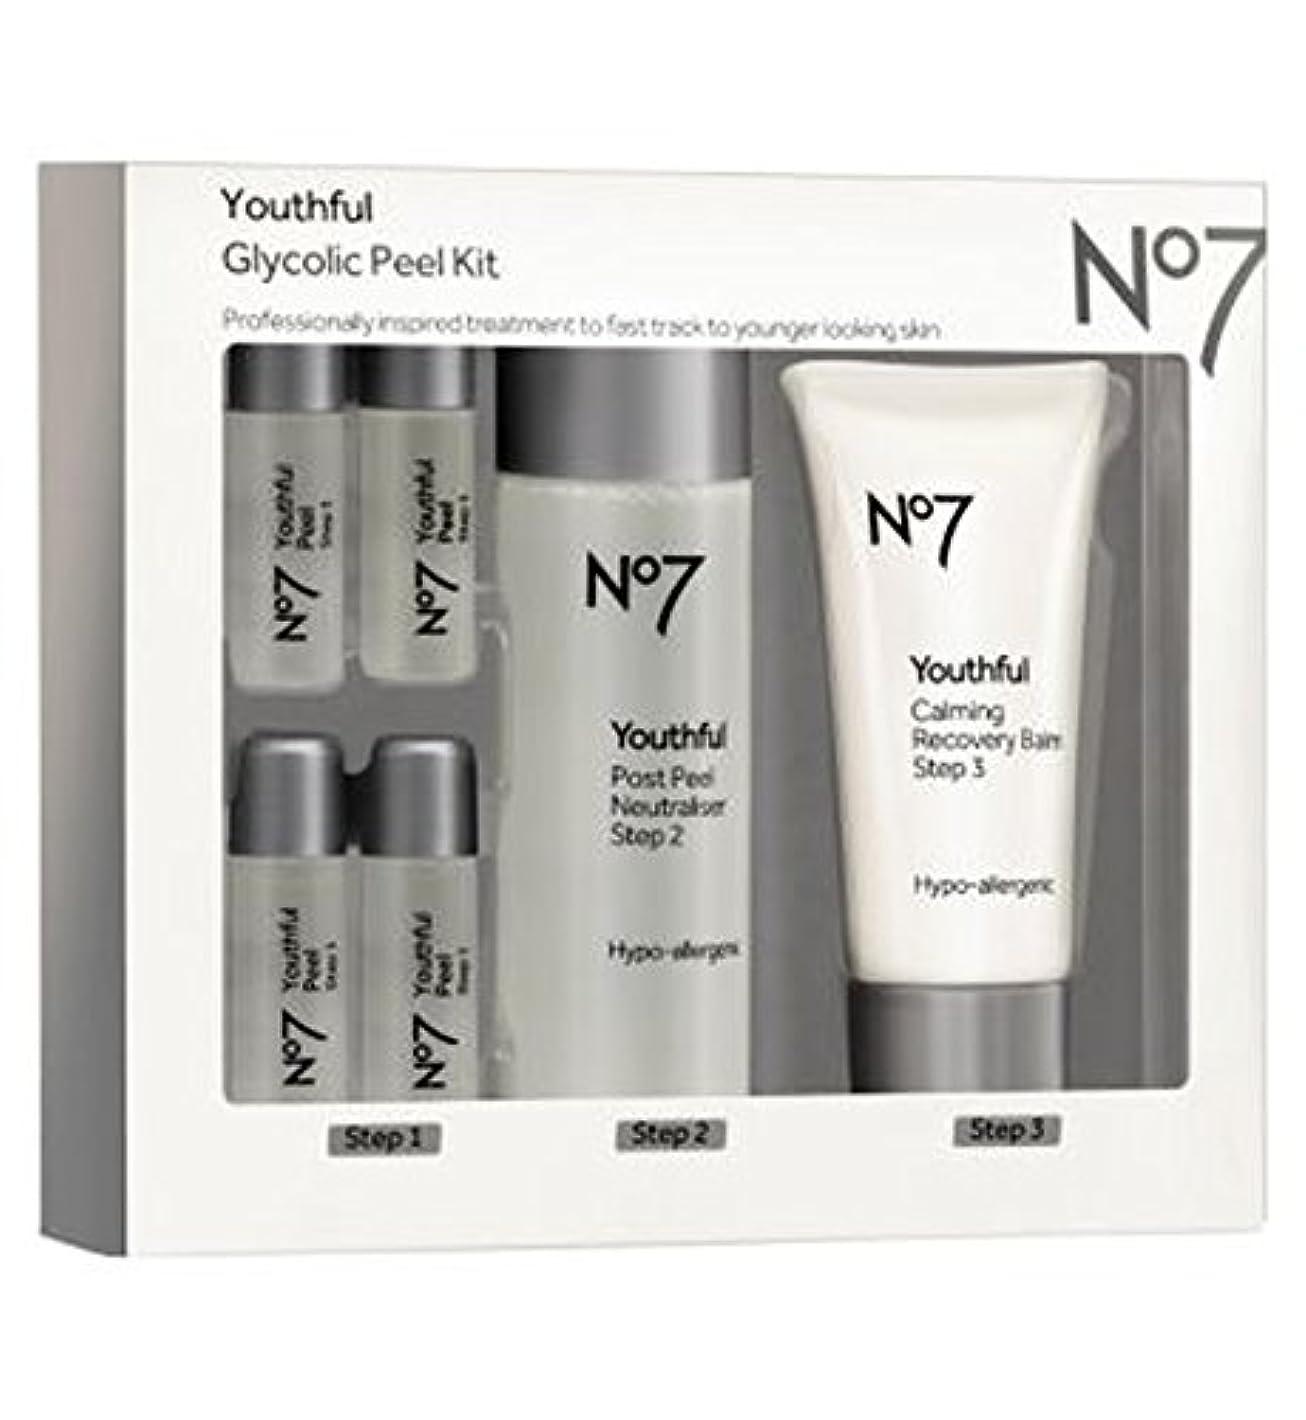 シャーロックホームズ雪のもろいNo7 Youthful Glycolic Peel Kit - No7若々しいグリコールピールキット (No7) [並行輸入品]